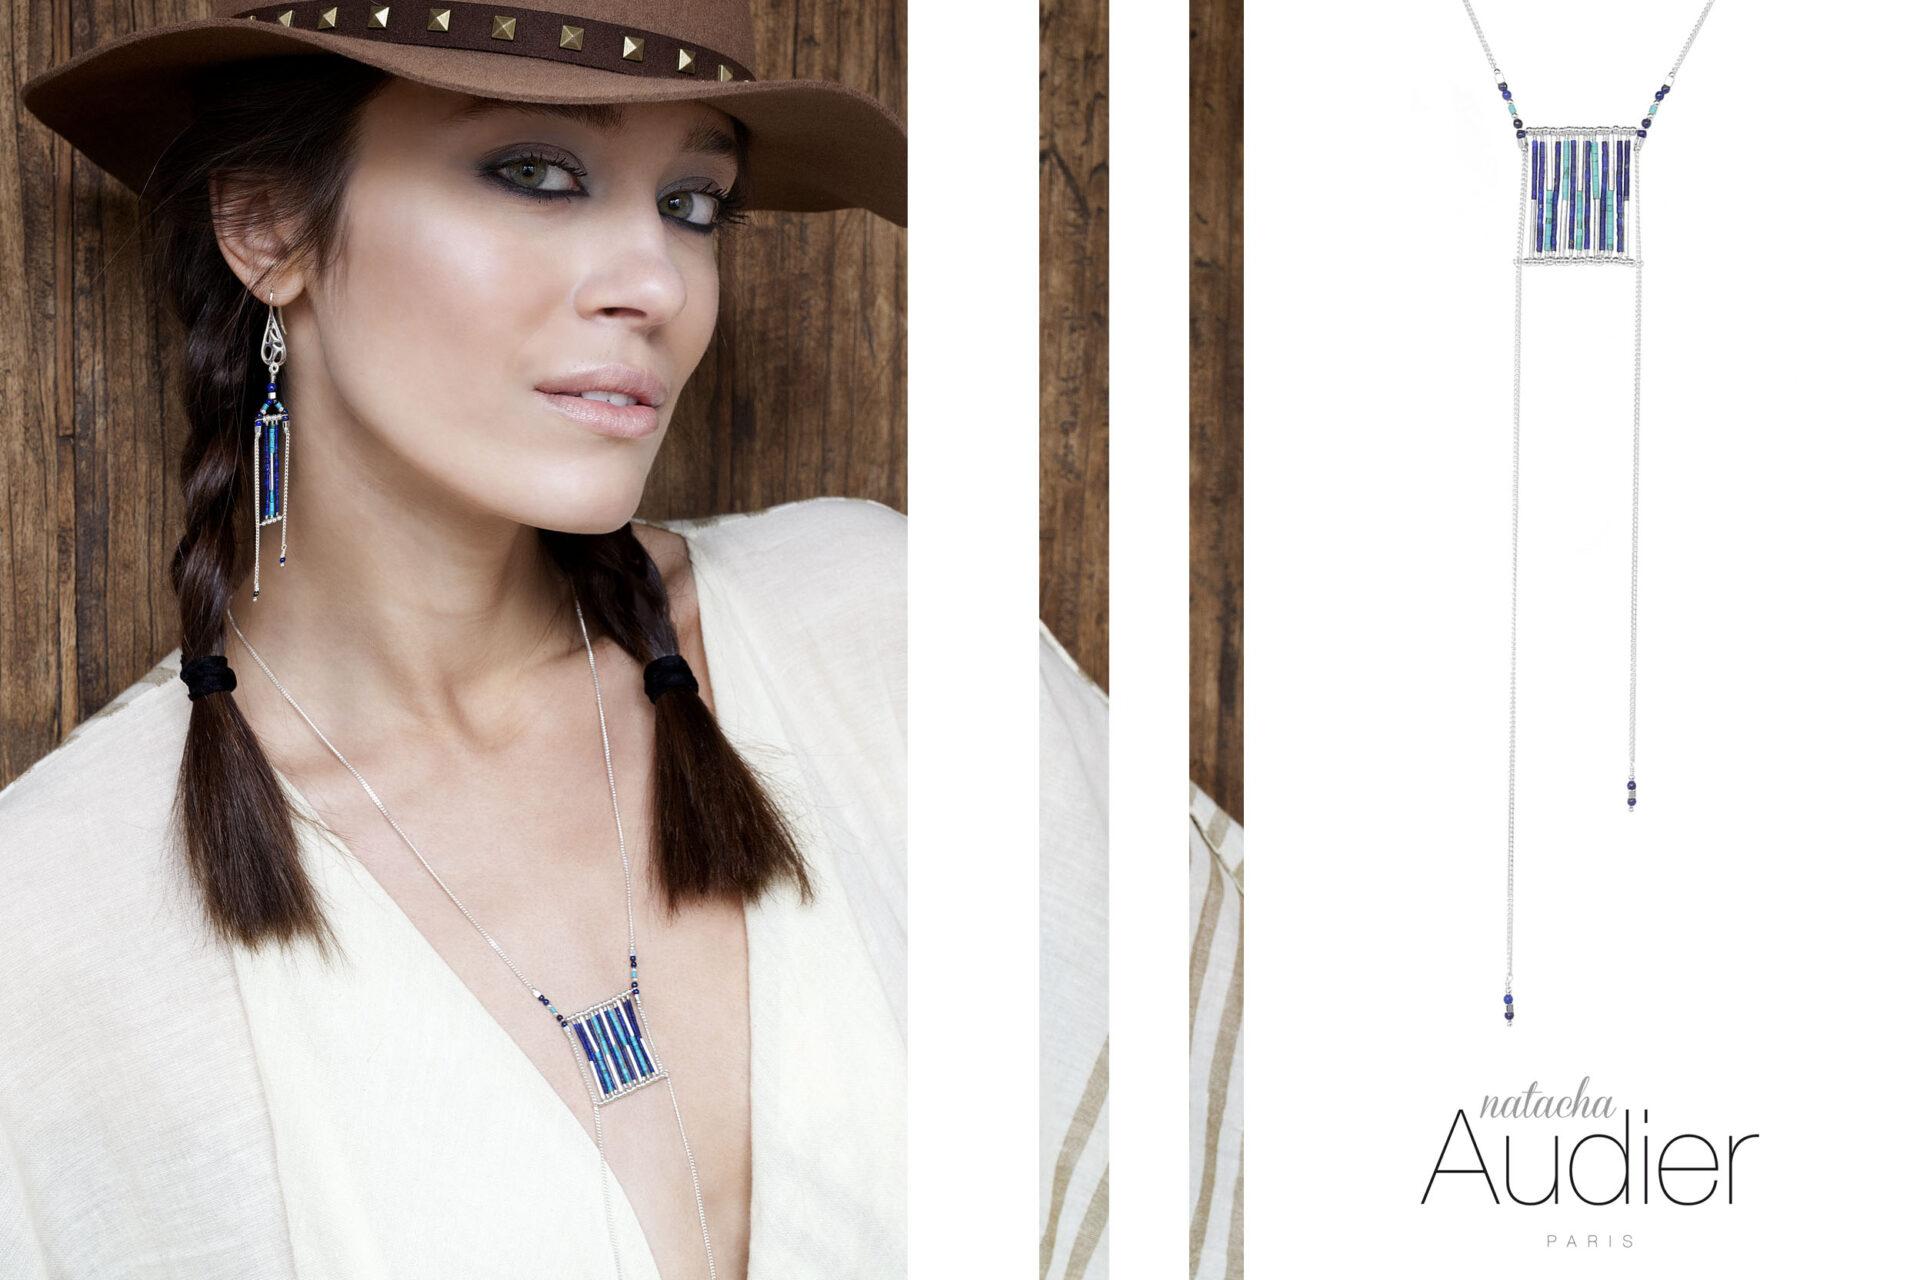 sautoir Arizona Blue Natacha Audier Paris